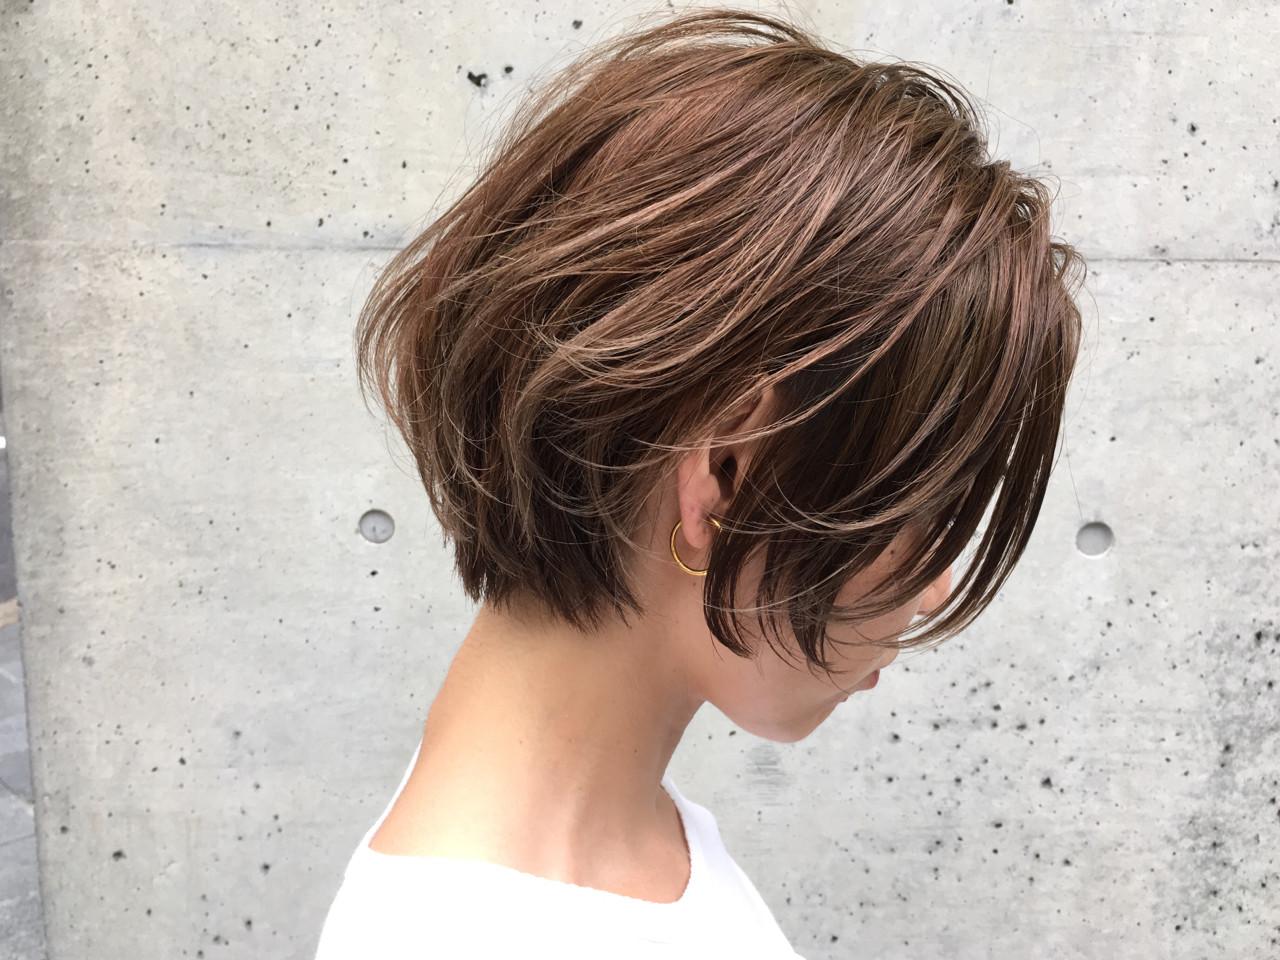 ナチュラル ハイライト アッシュグレージュ ショートヘアスタイルや髪型の写真・画像